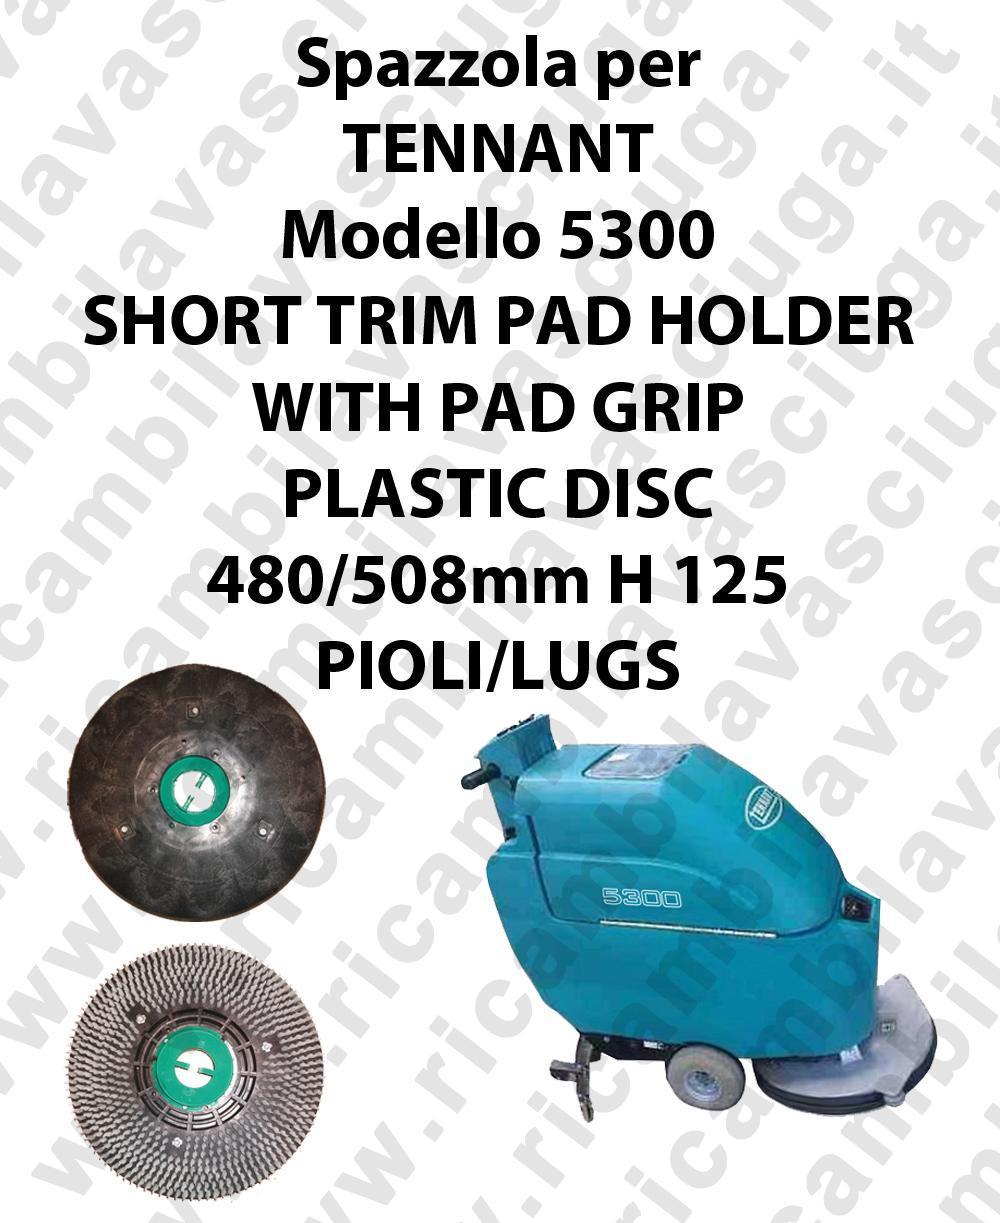 5300 SHORT TRIM Treiberteller WITH PAD GRIP für scheuersaugmaschinen TENNANT